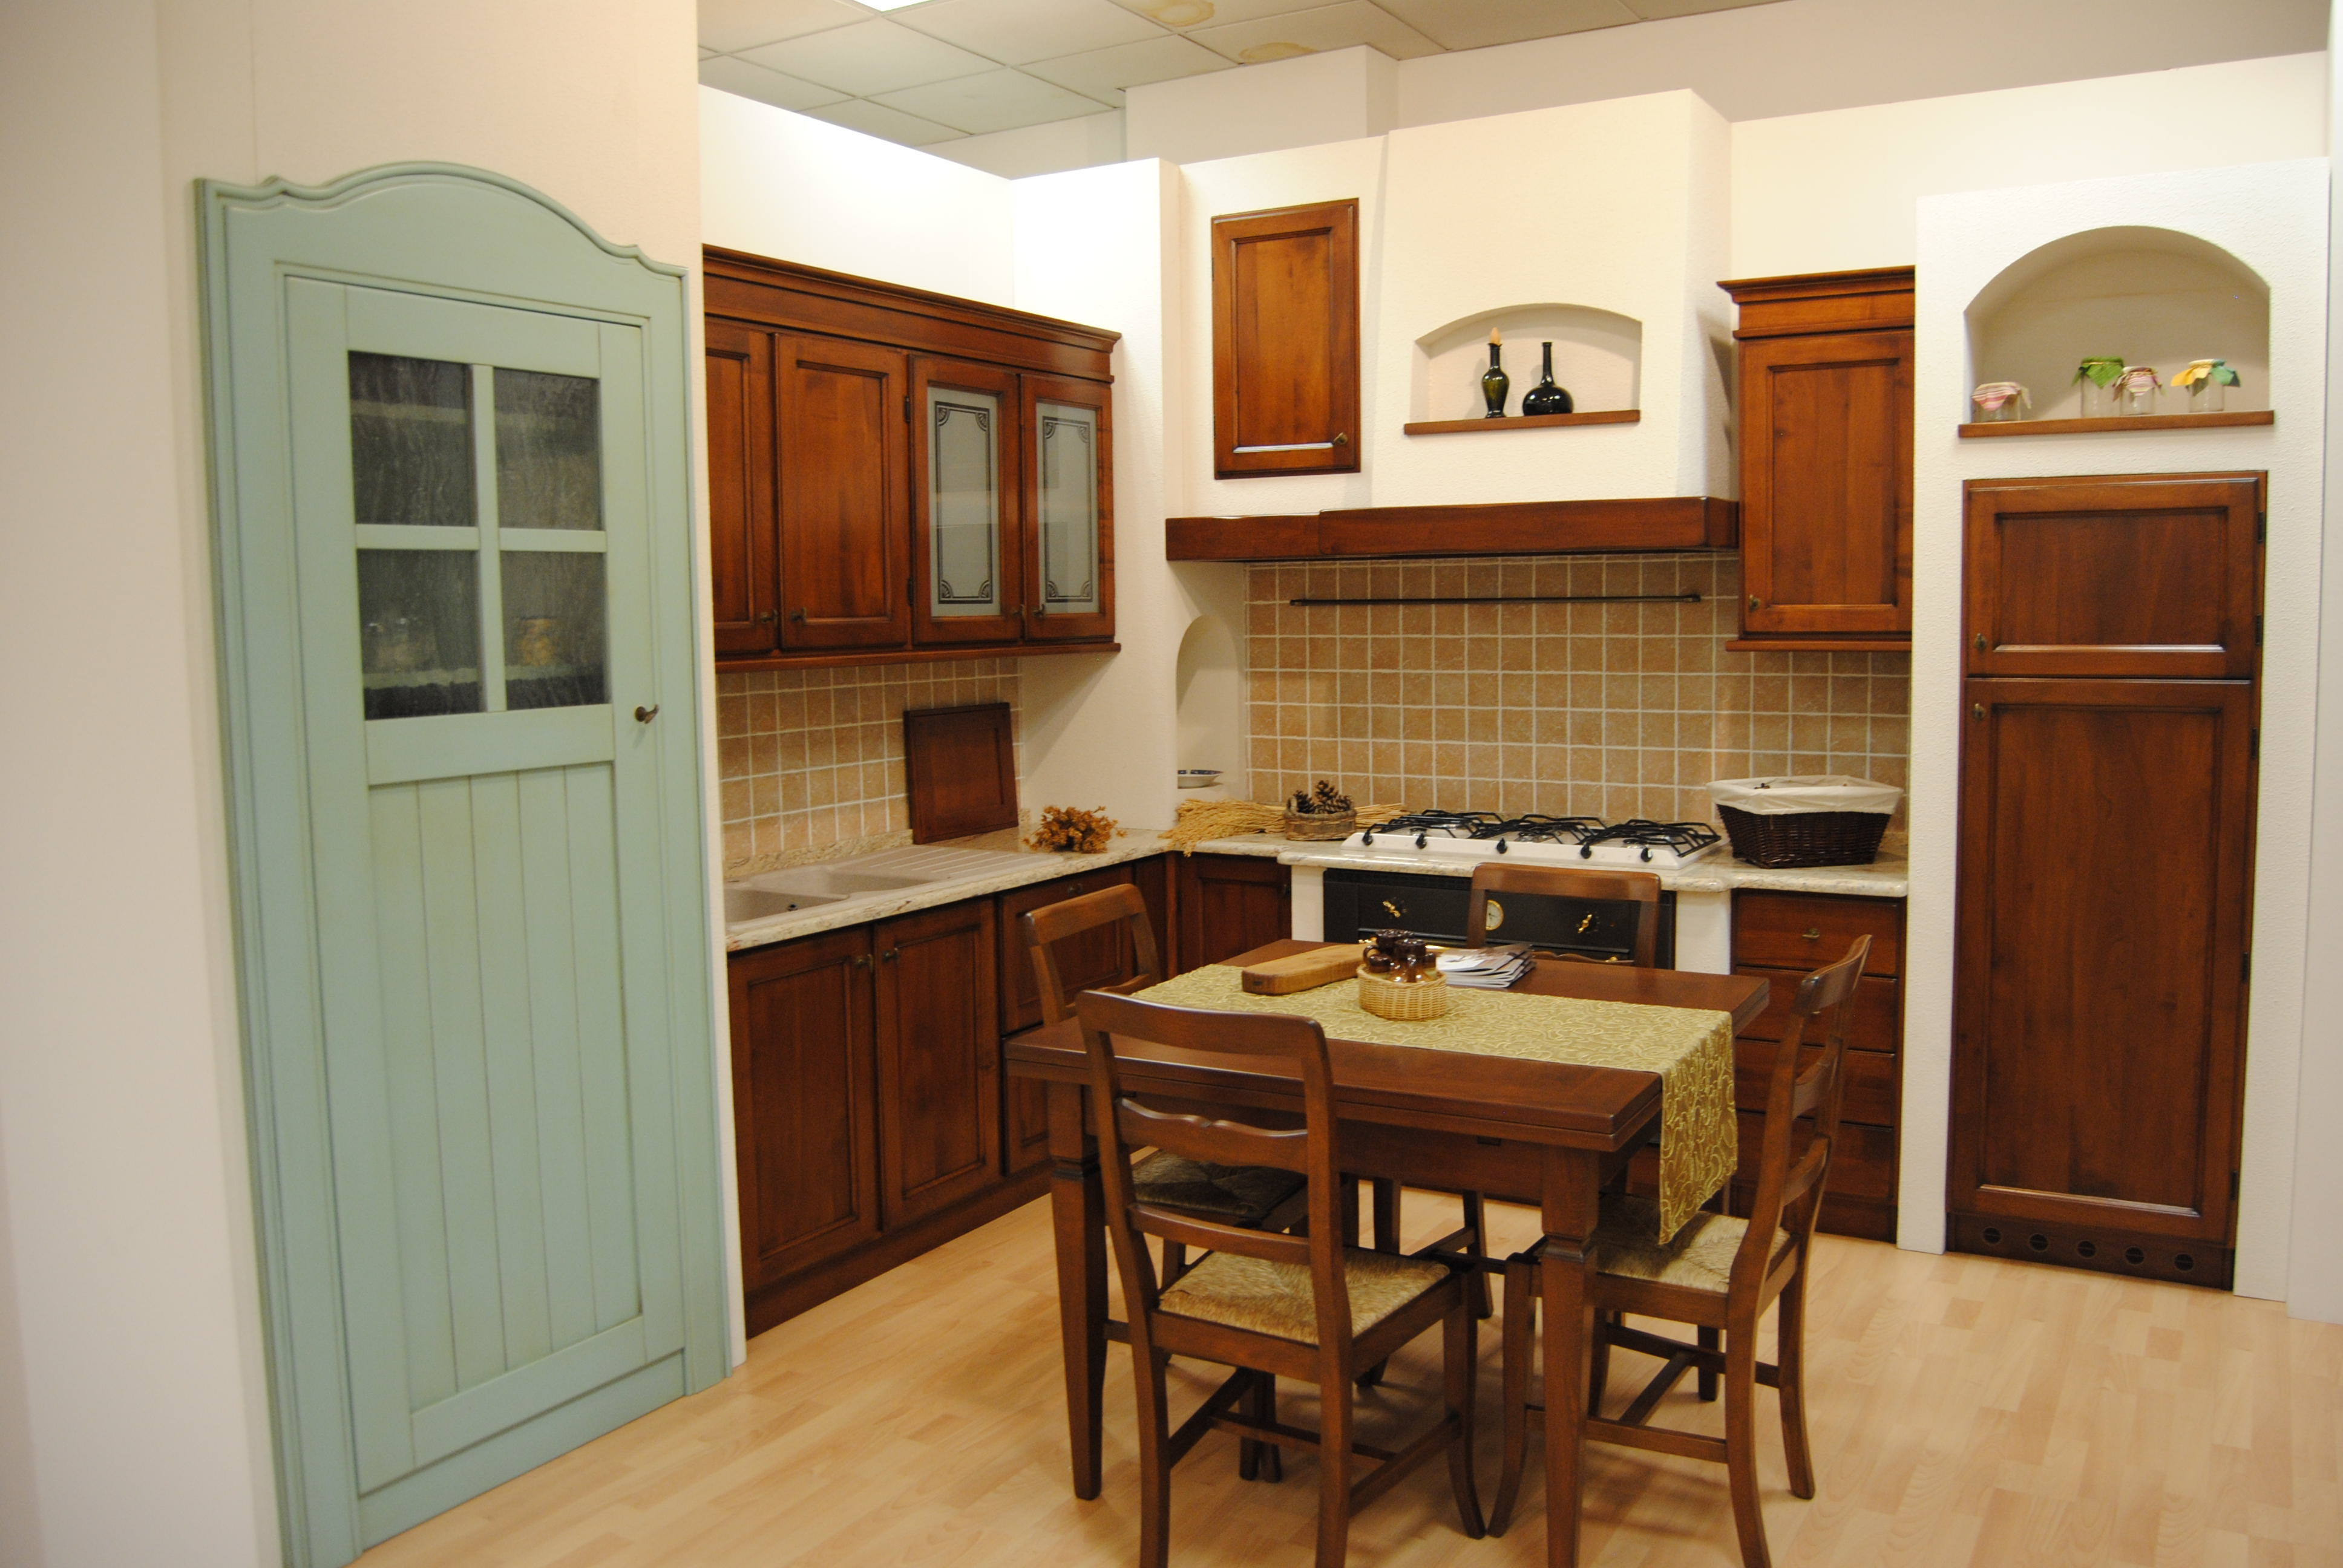 Cucina classica in noce nazionale massello con finta - Arredamento cucina classica ...